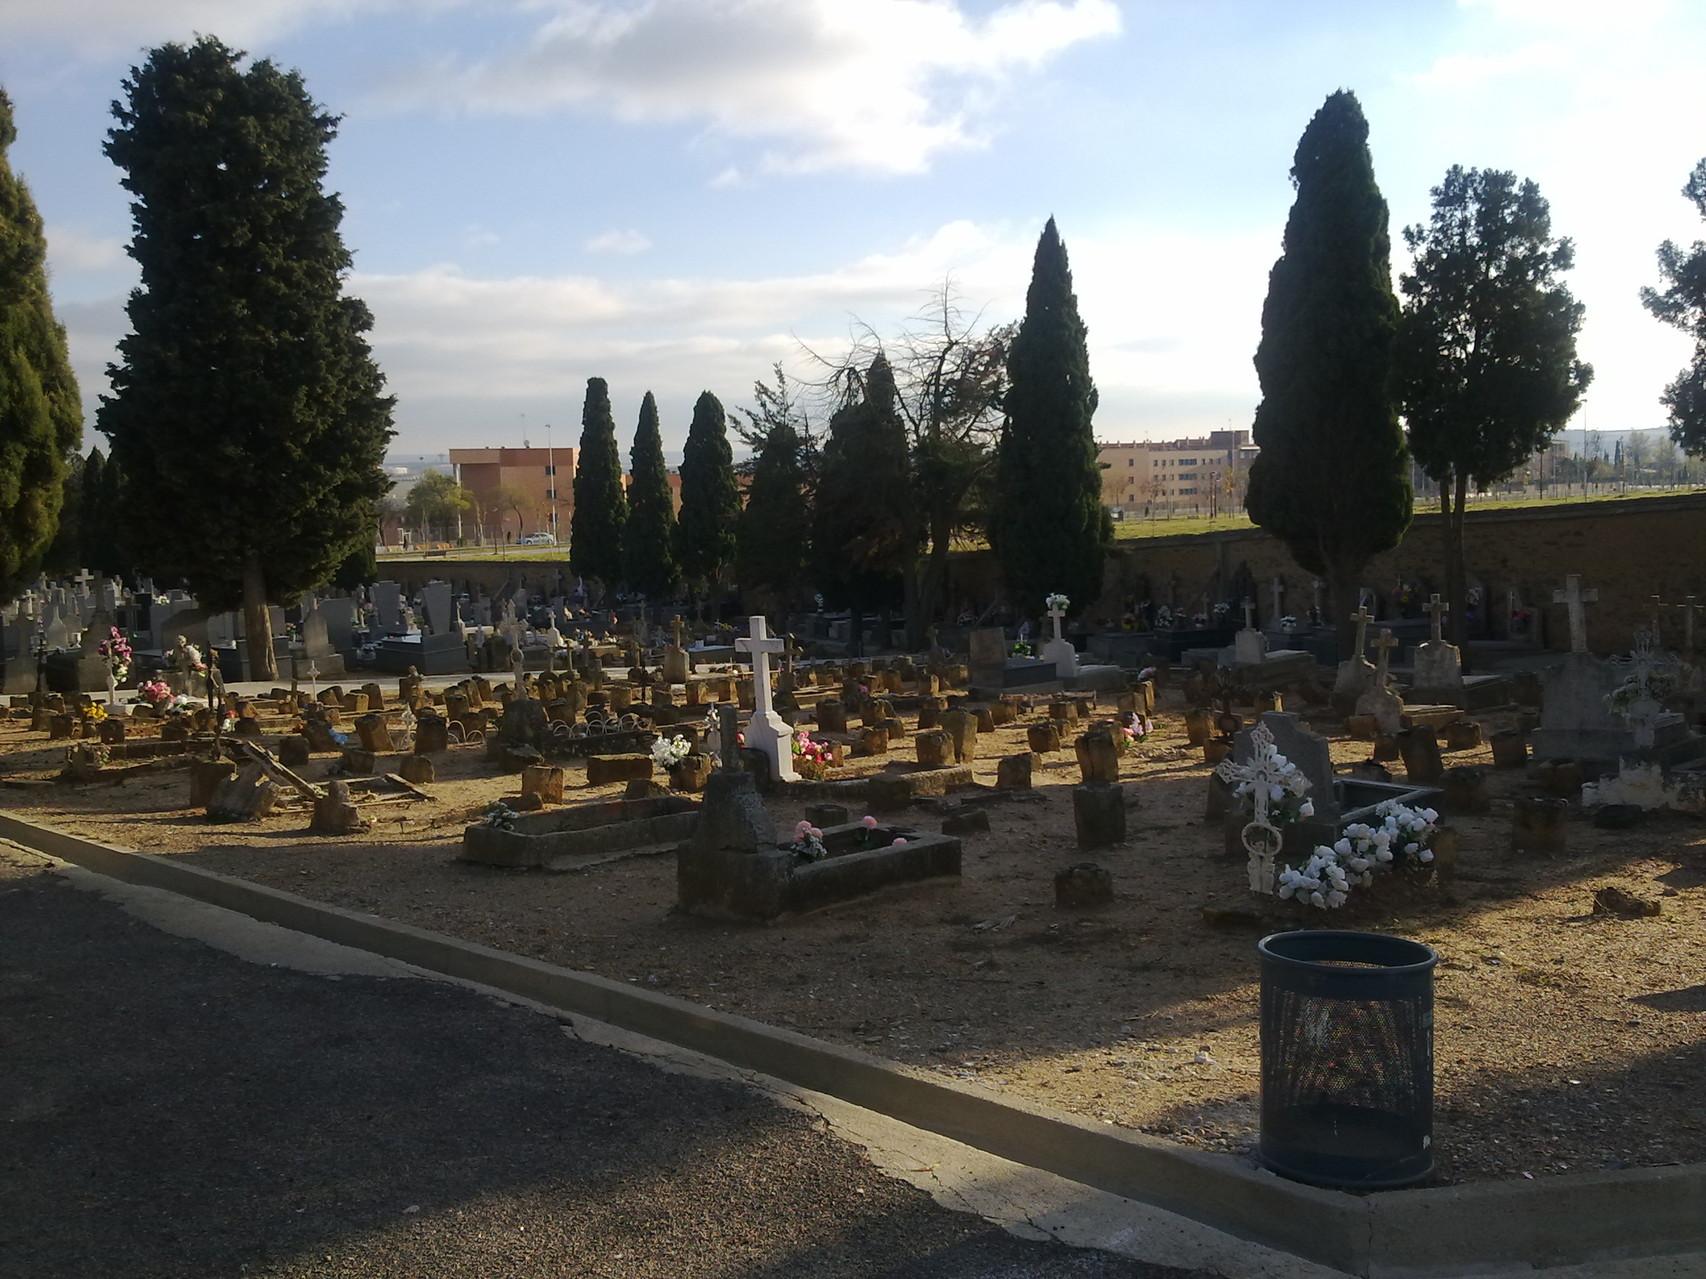 cementerio civil, Salamanca, foto propia